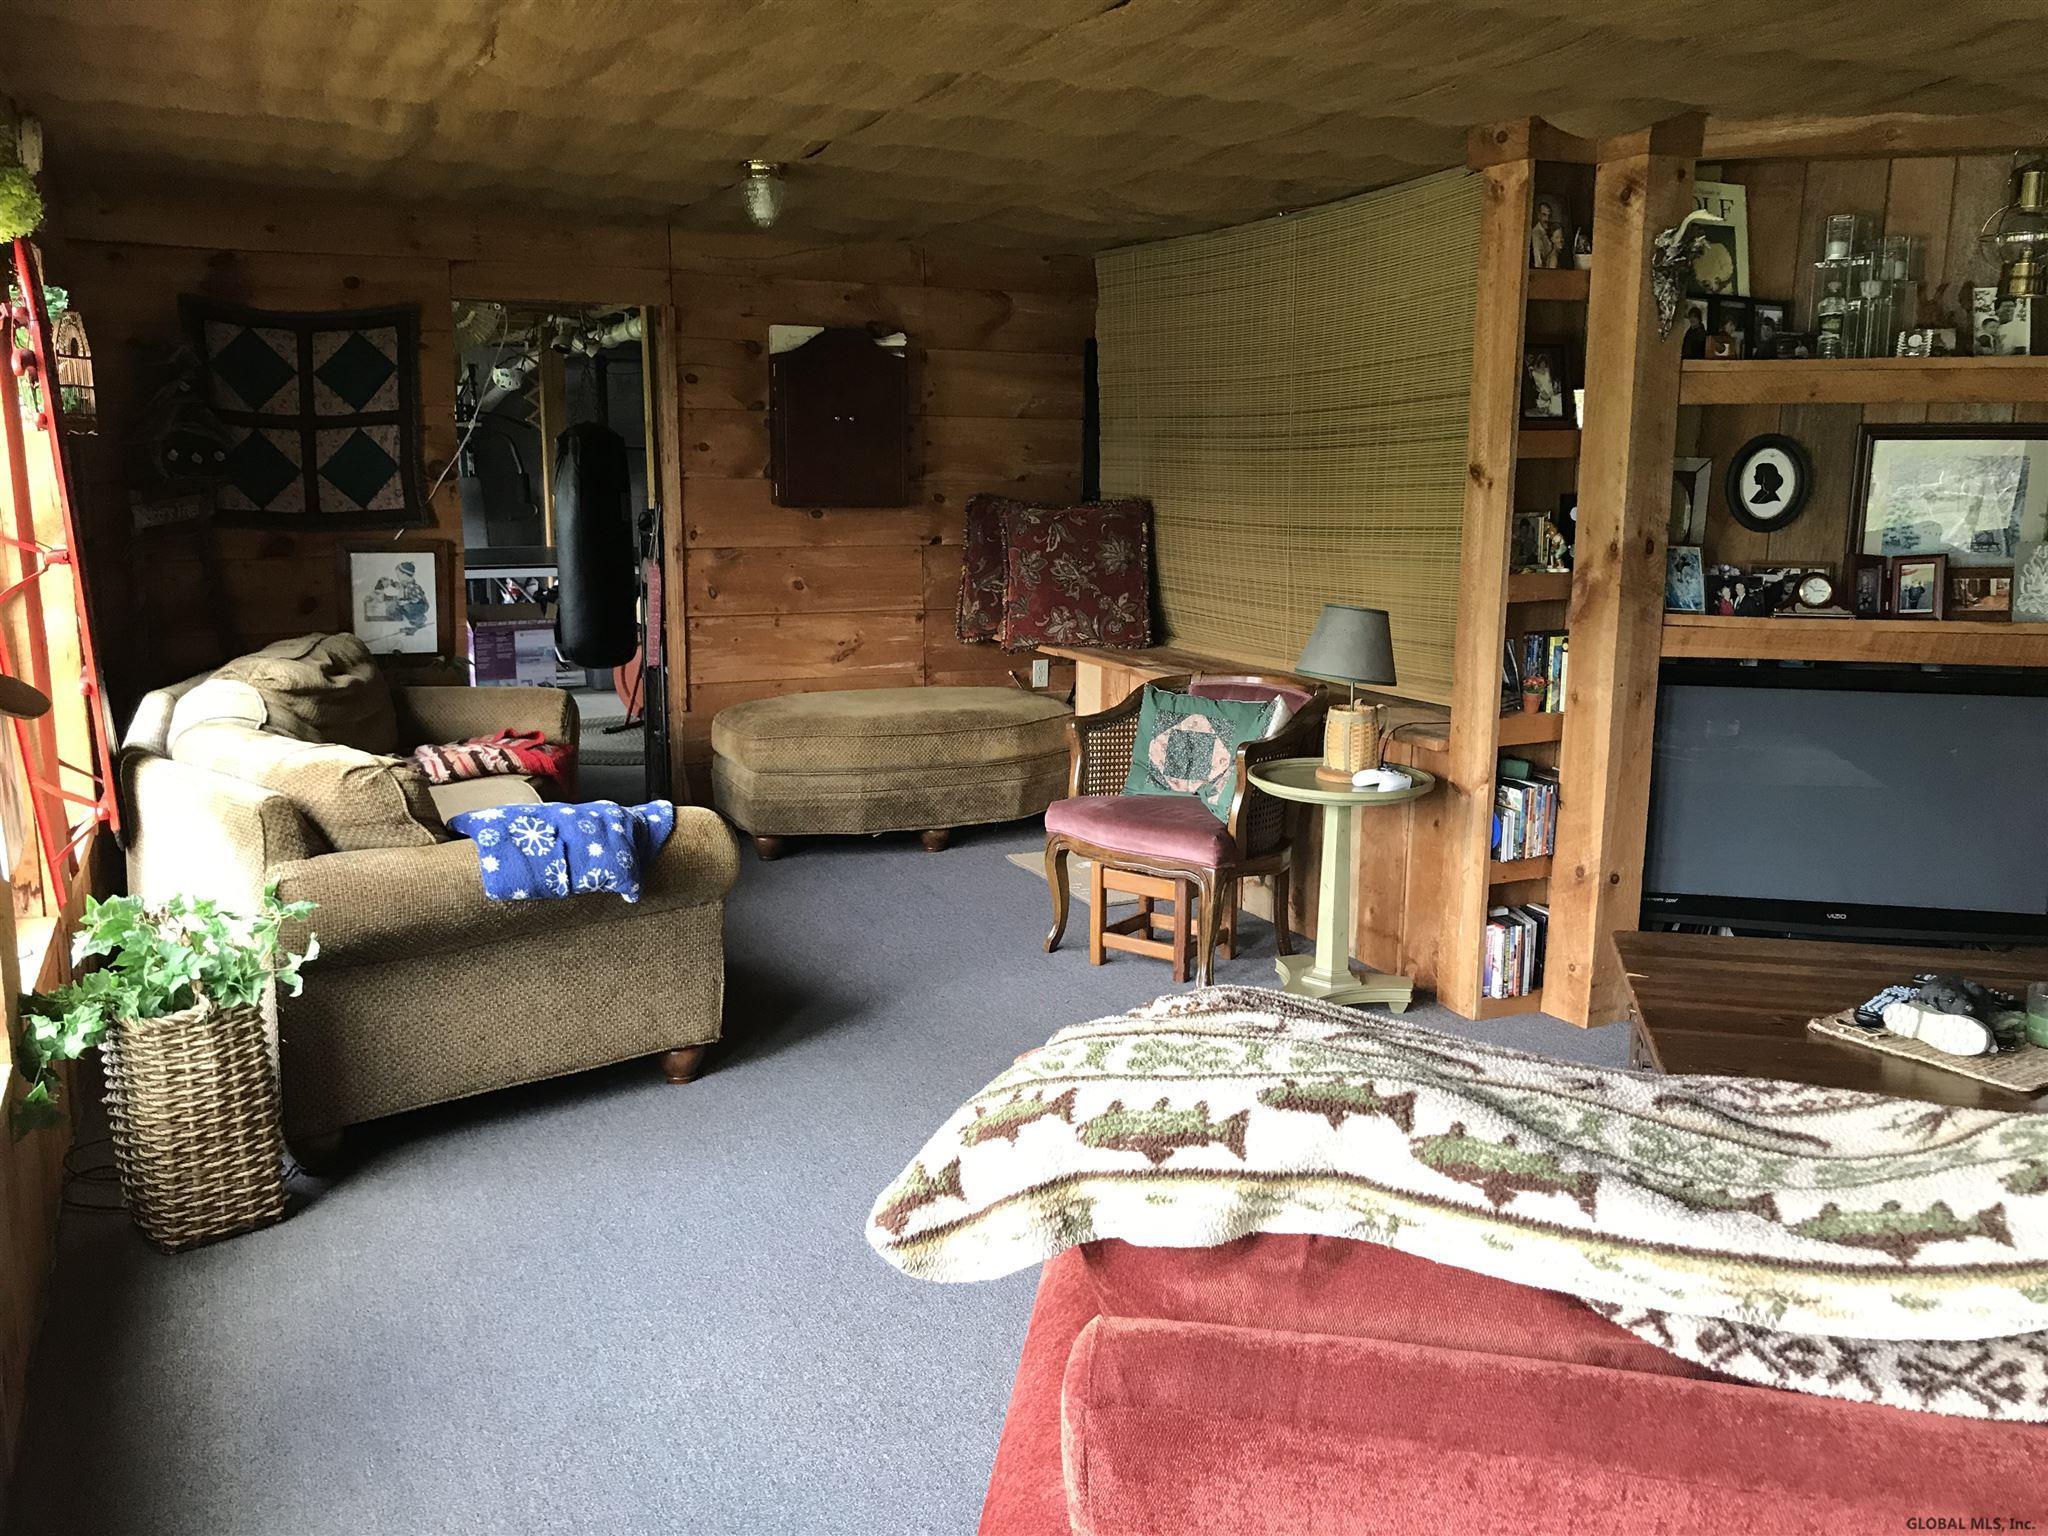 Gloversville image 40